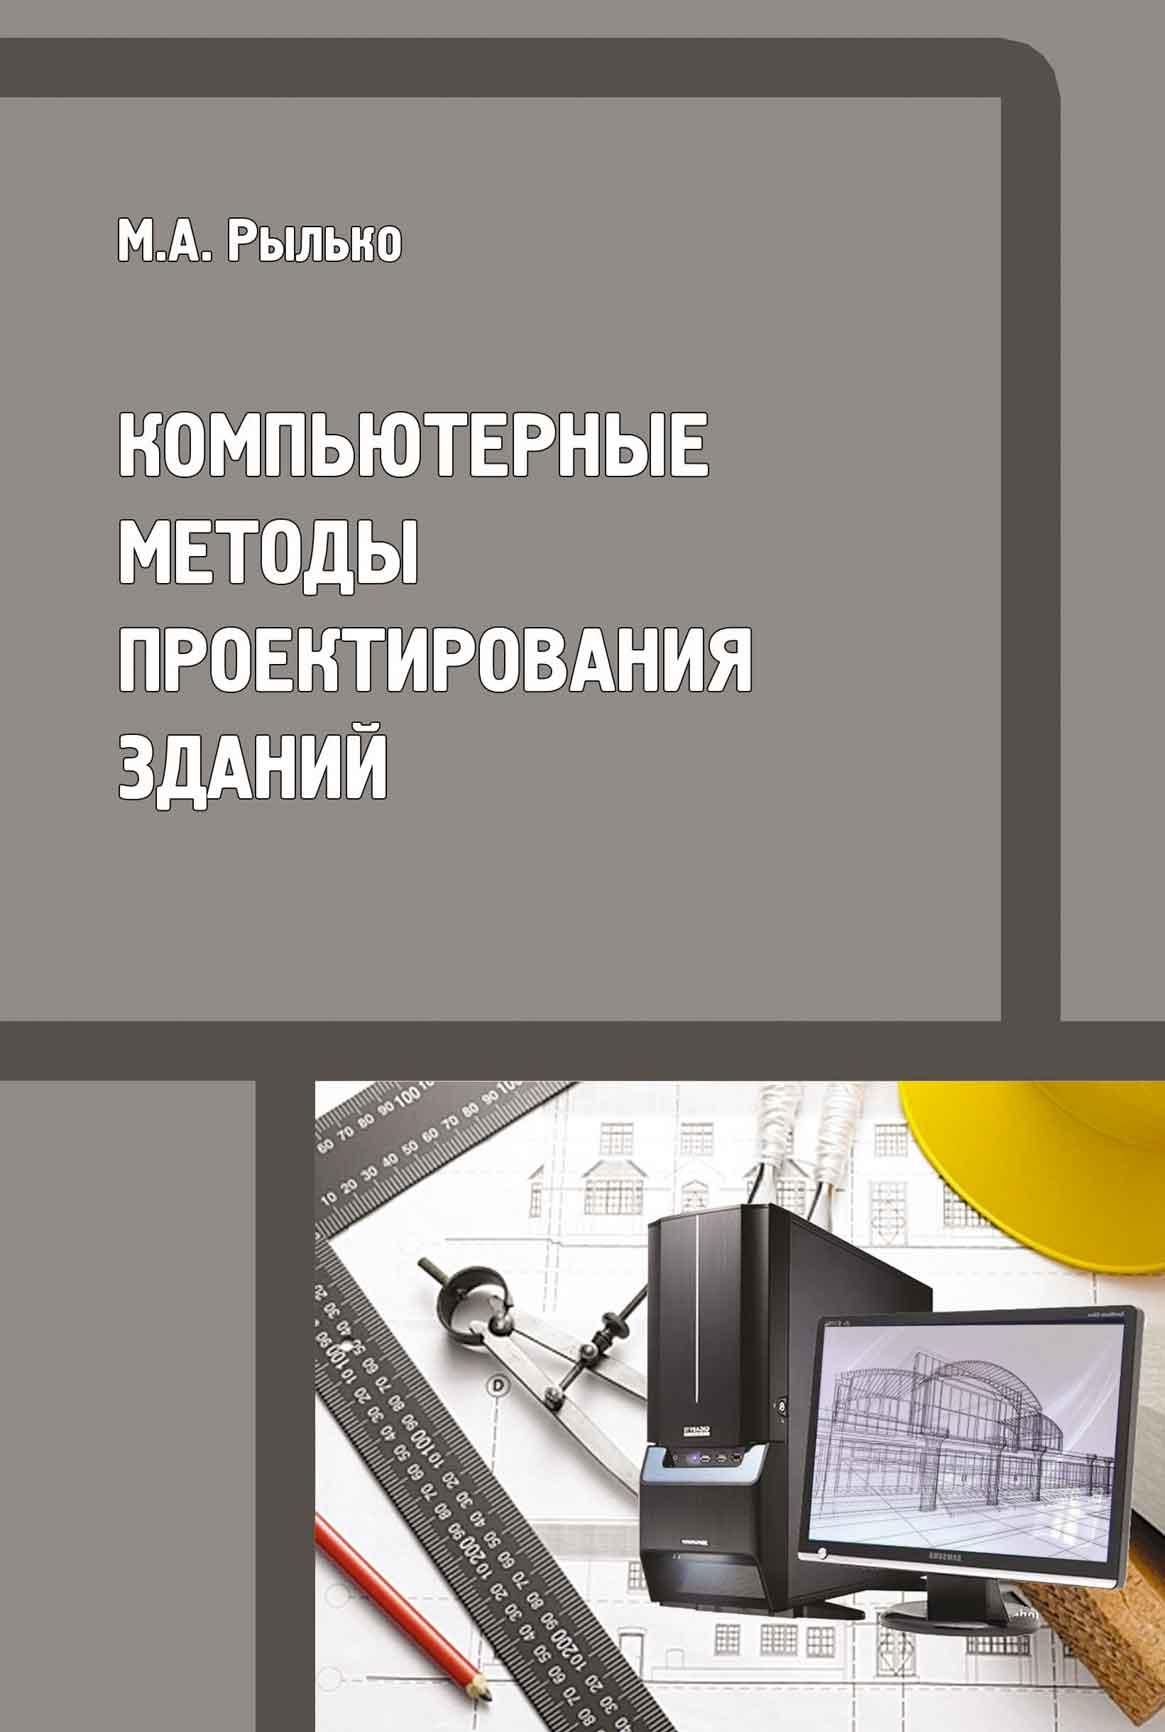 М. А. Рылько Компьютерные методы проектирования зданий